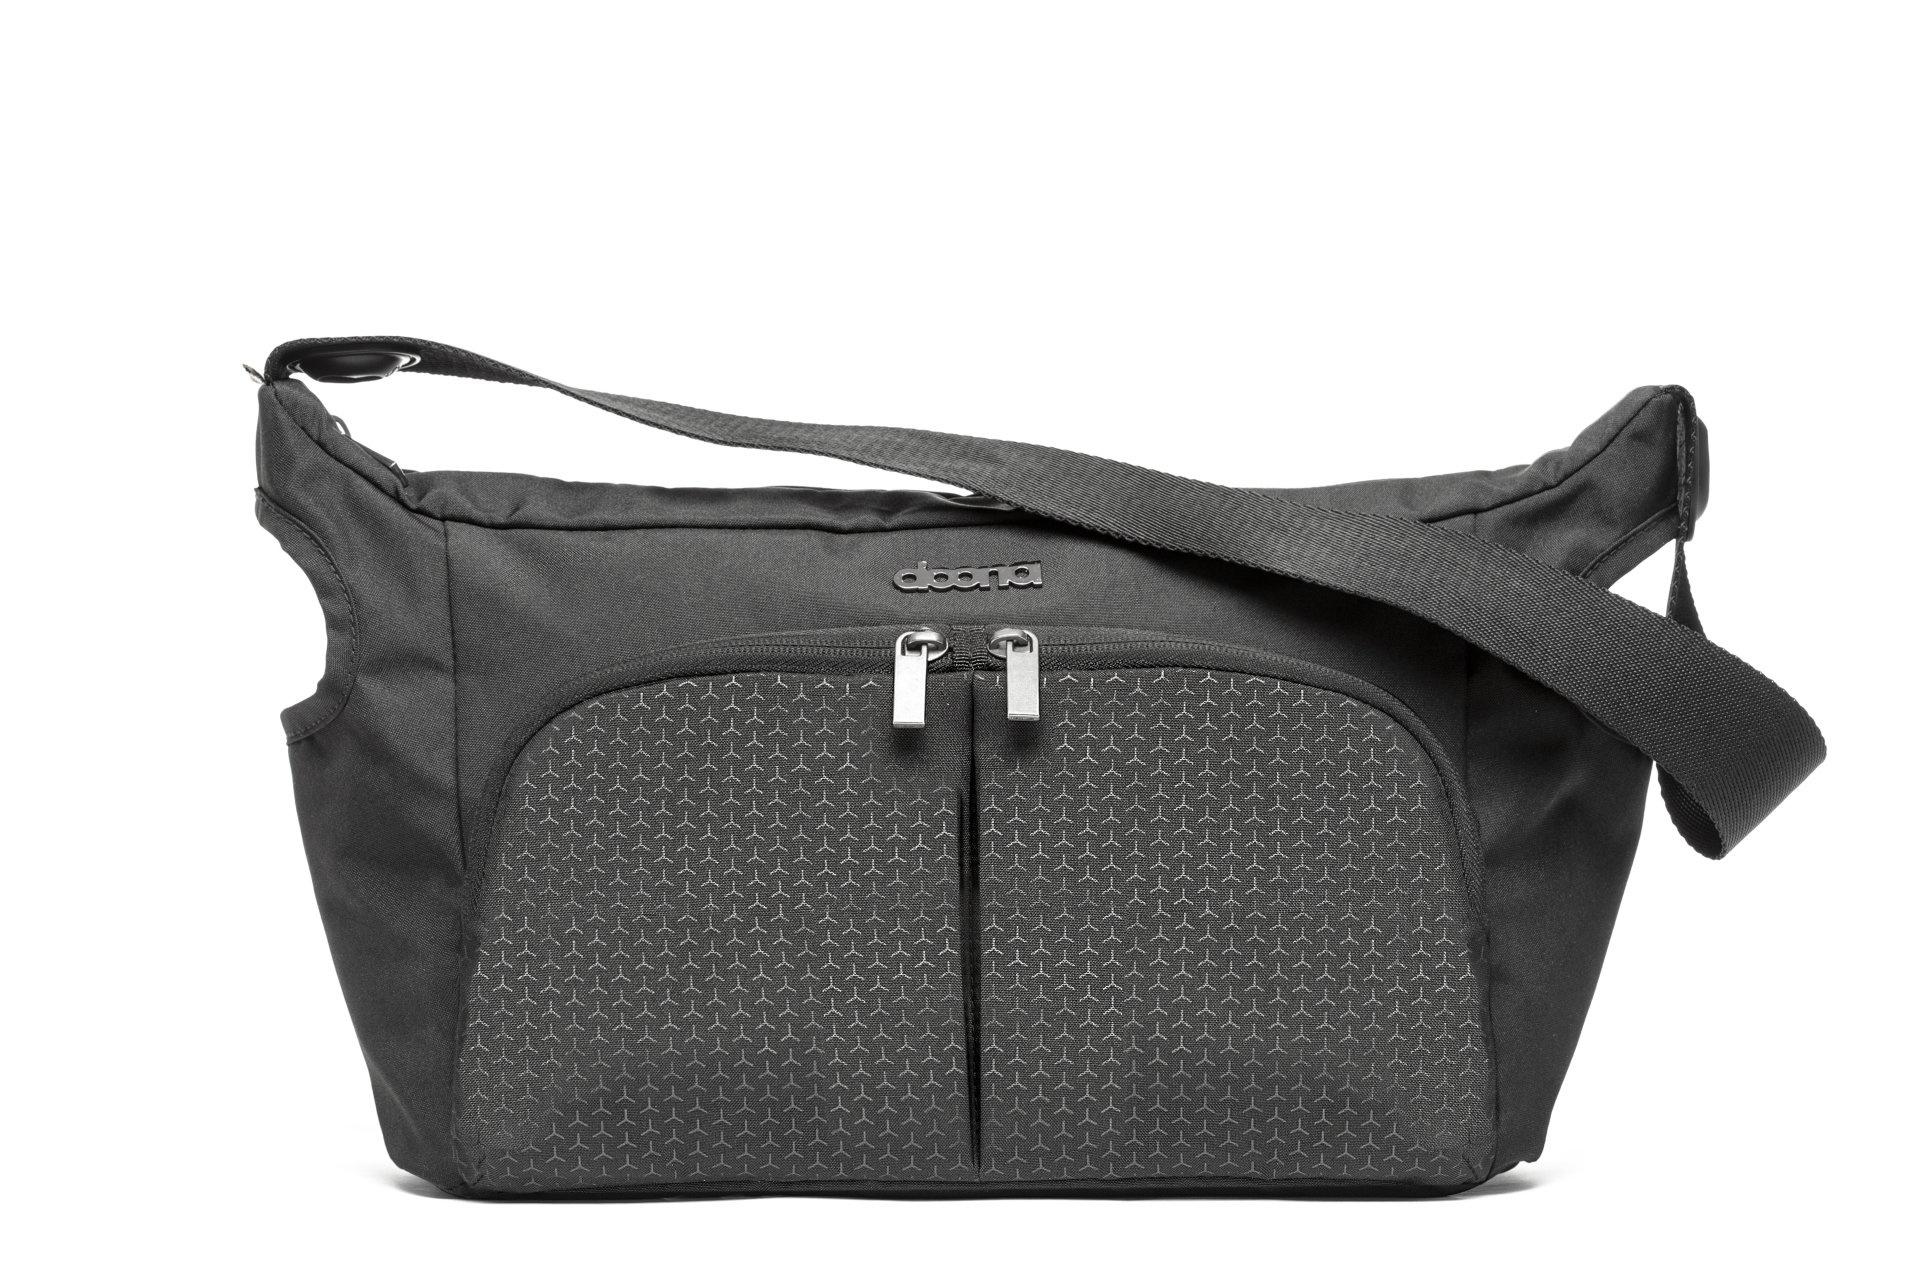 Doona Doona Essential Kindertasche Nitro Black